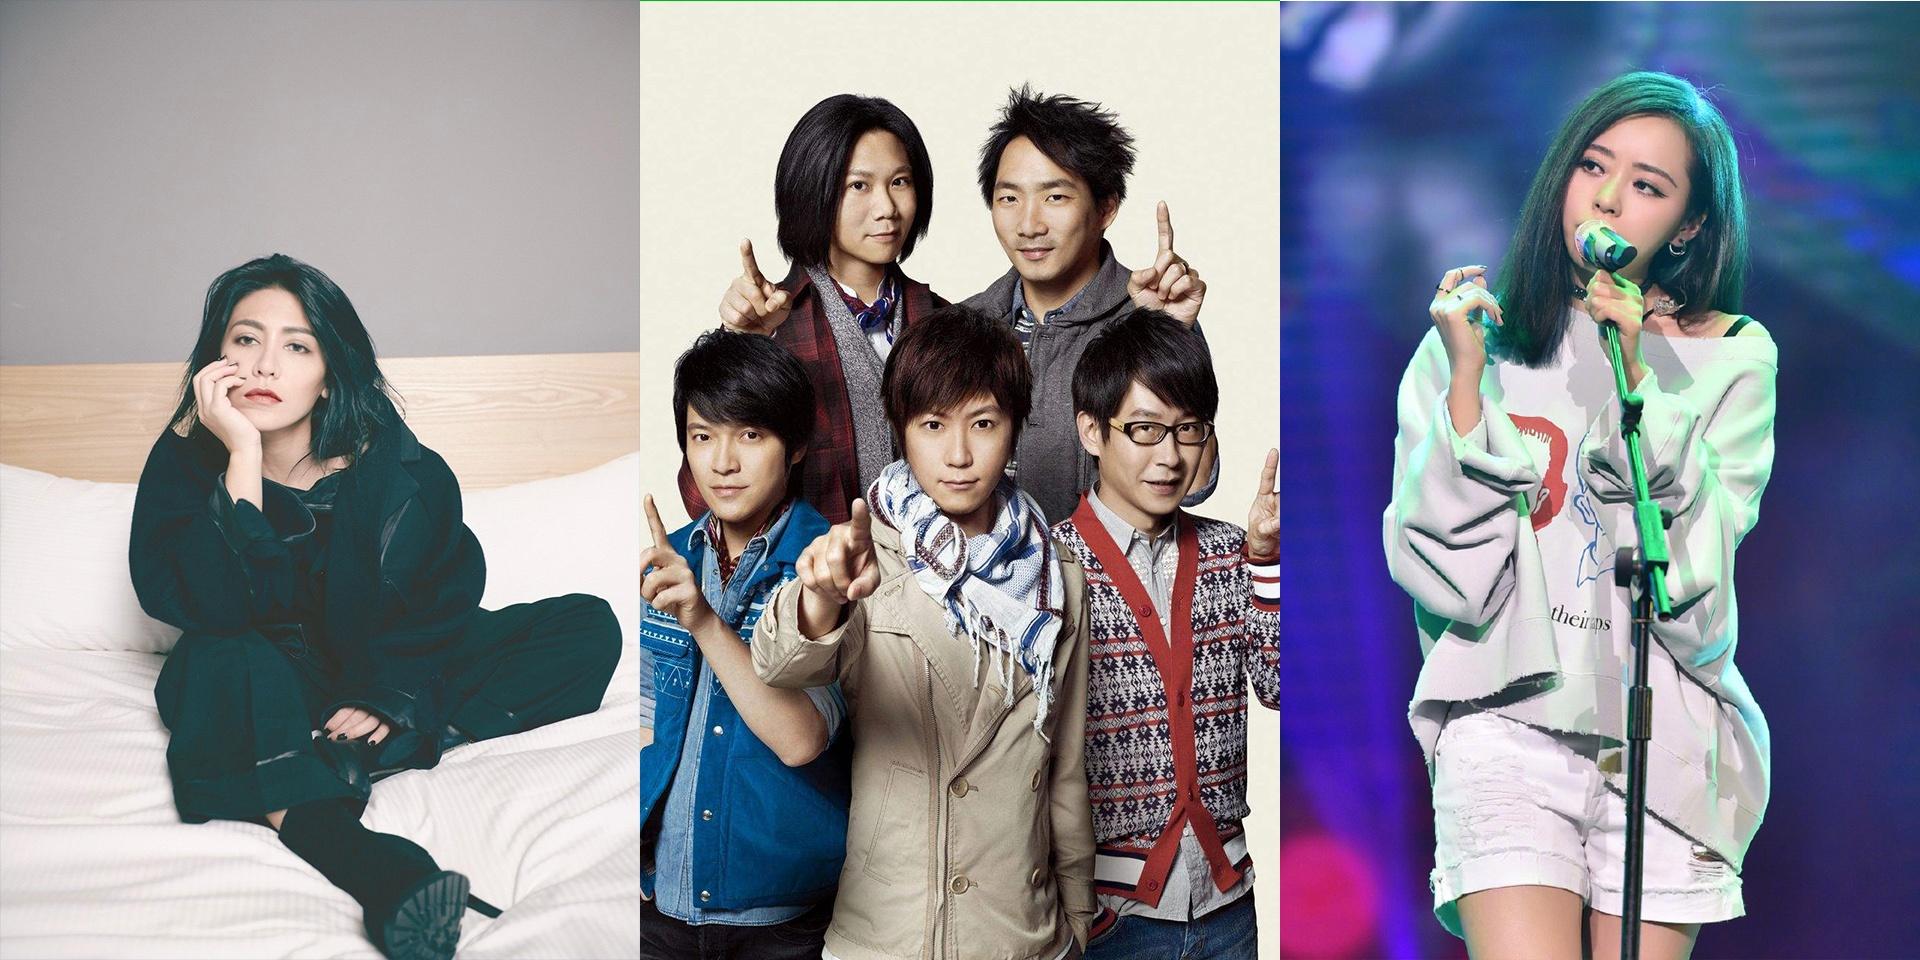 艾怡良、五月天、张靓颖:上两周哪些歌手发行了新歌